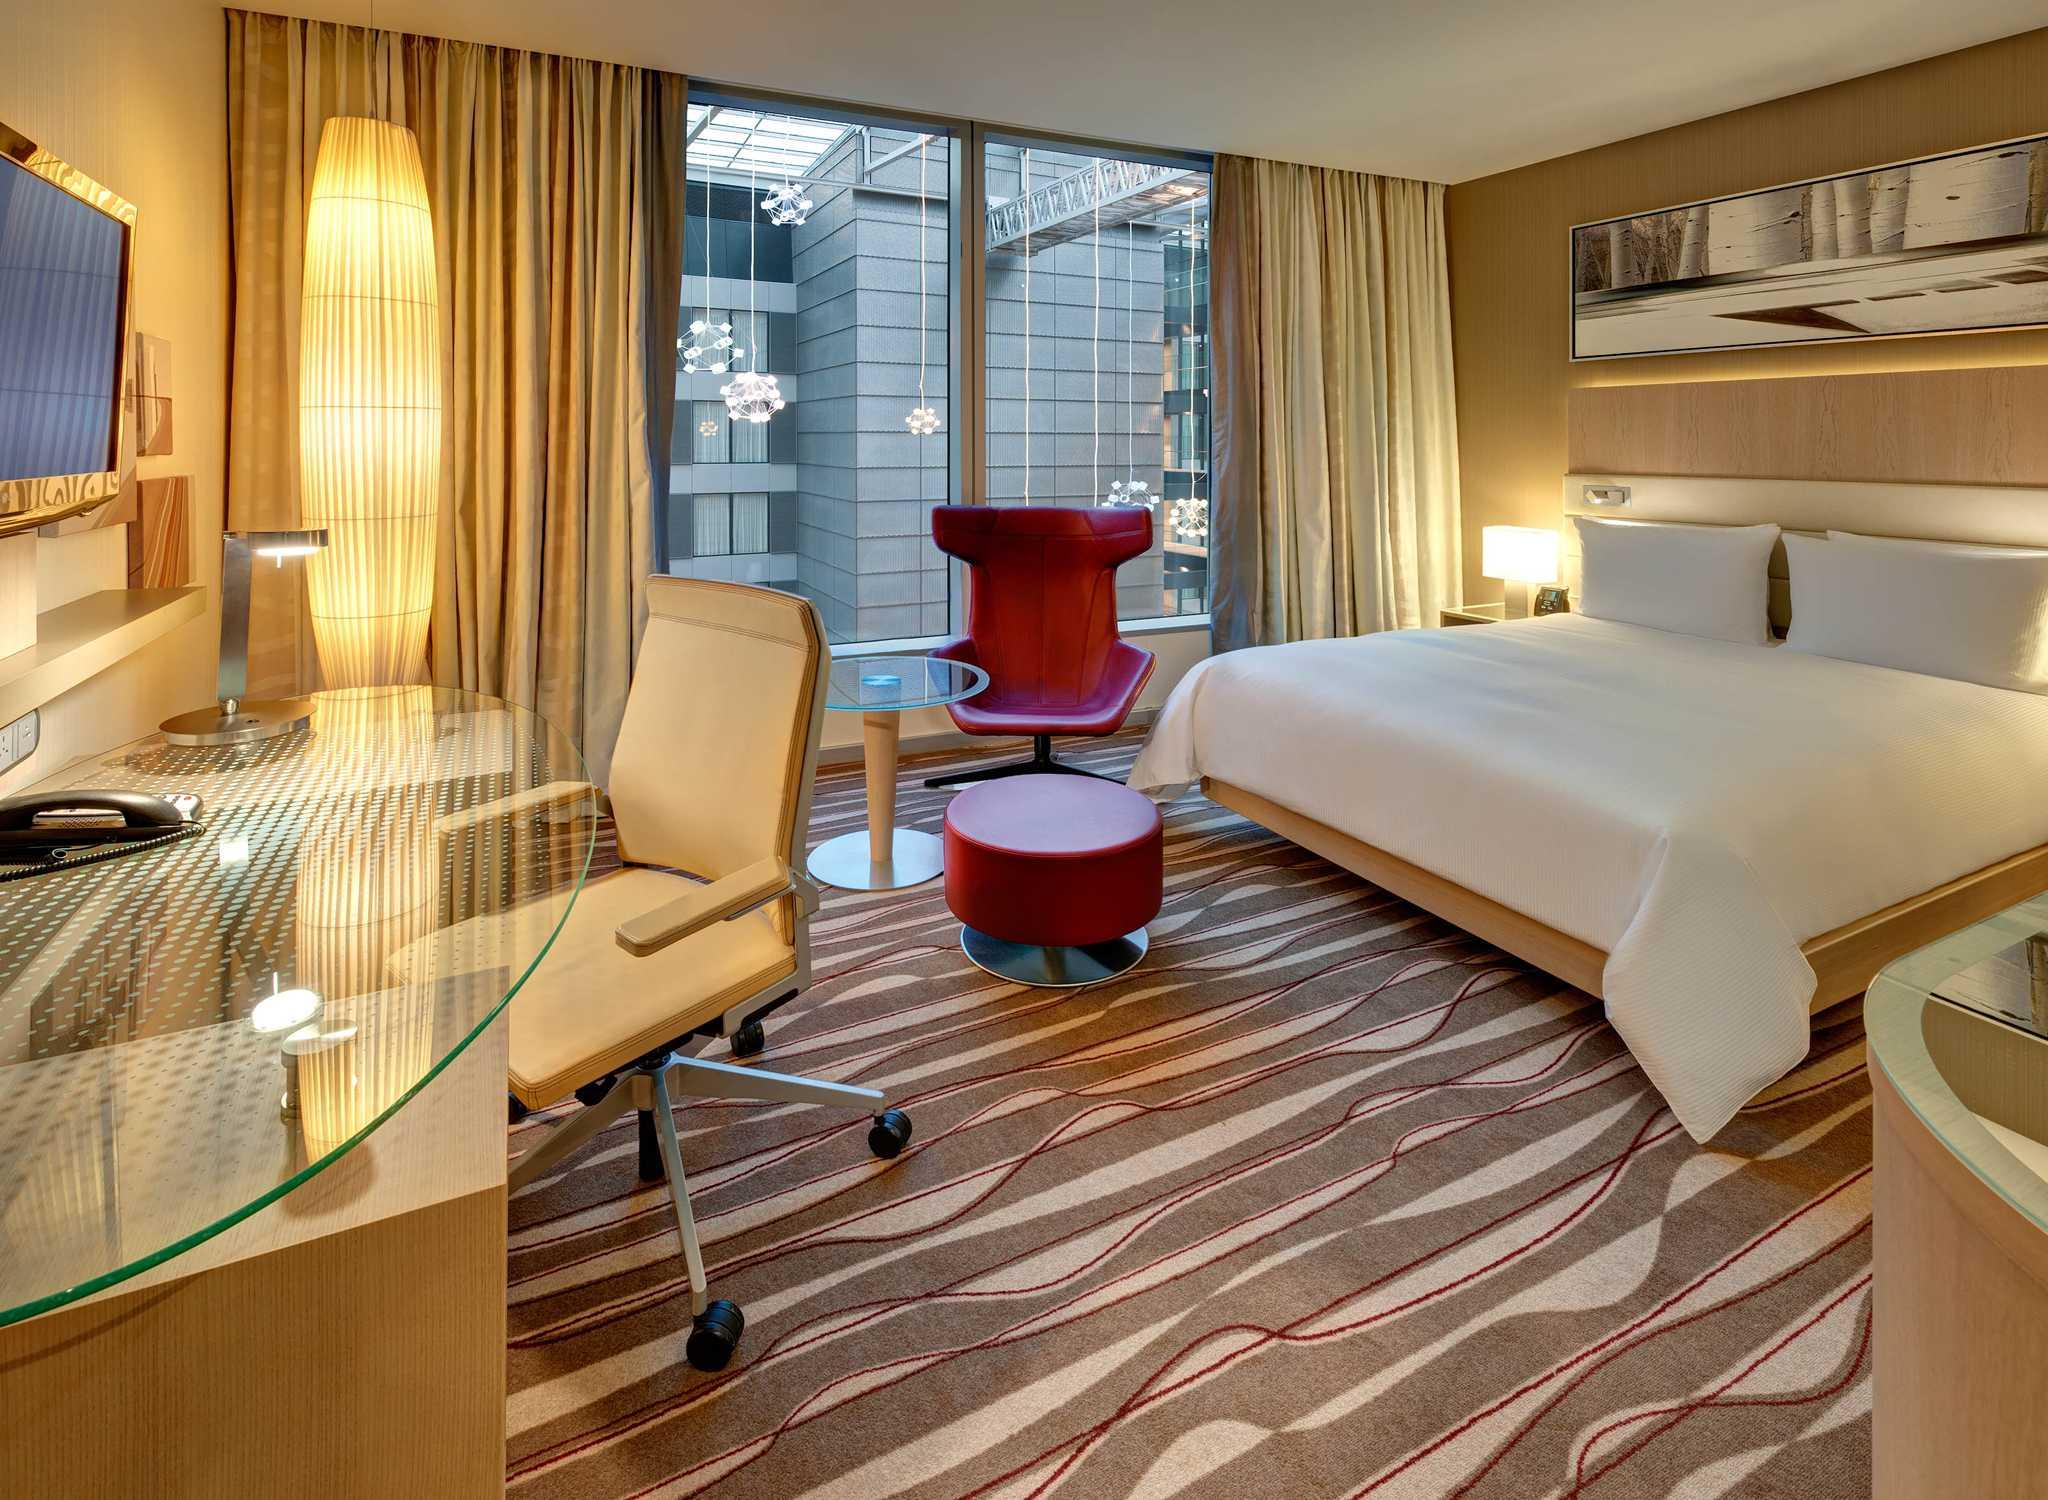 hilton hotel resorts allemagne. Black Bedroom Furniture Sets. Home Design Ideas